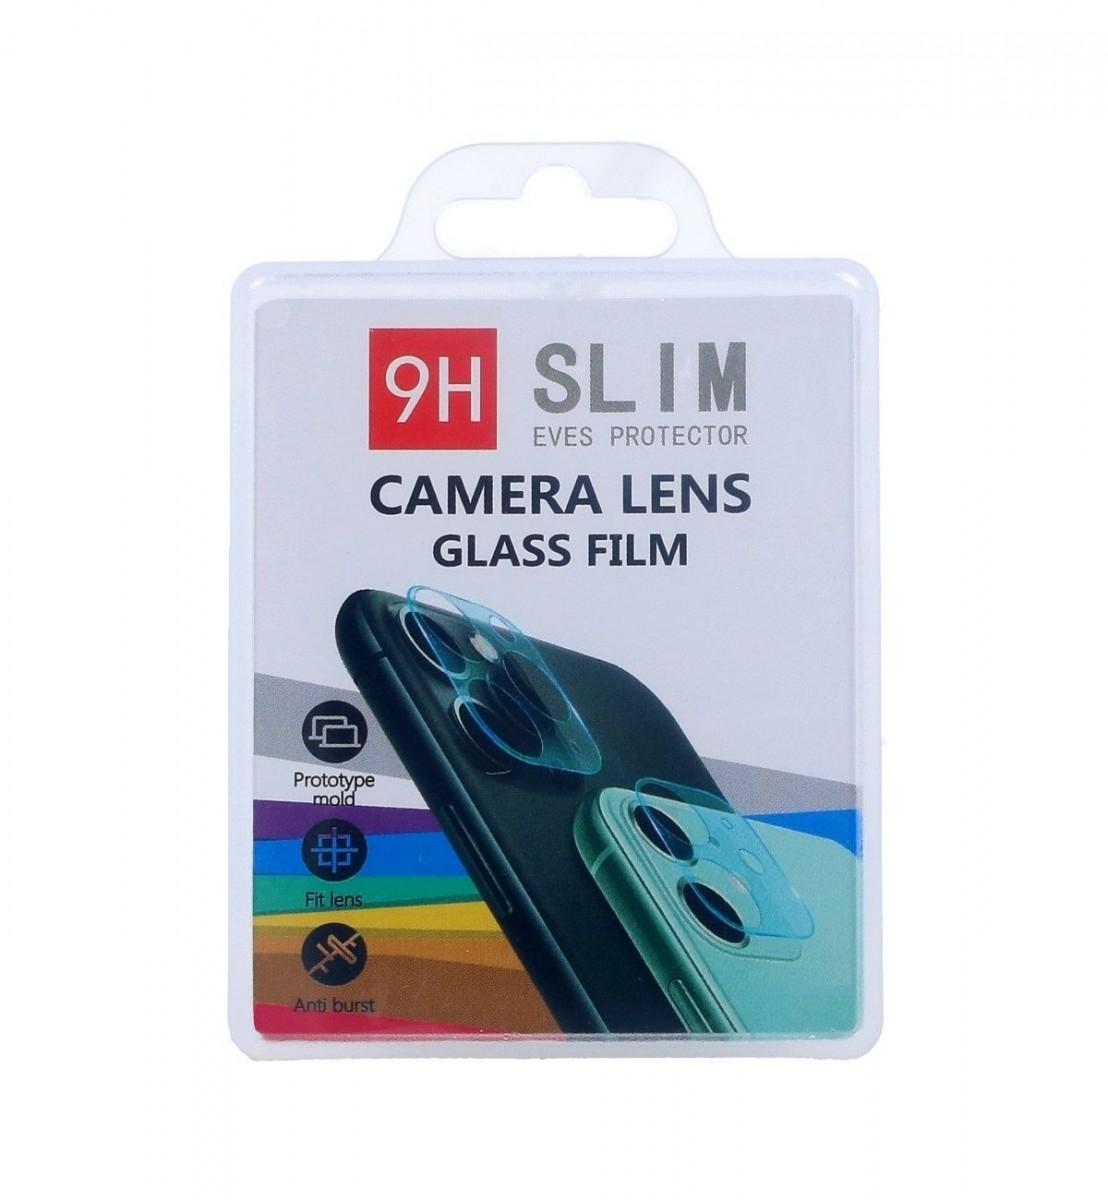 Tvrzené sklo TopQ na zadní fotoaparát iPhone XR 54784 (ochranné sklo na zadní čočku fotoaparátu iPhone XR)